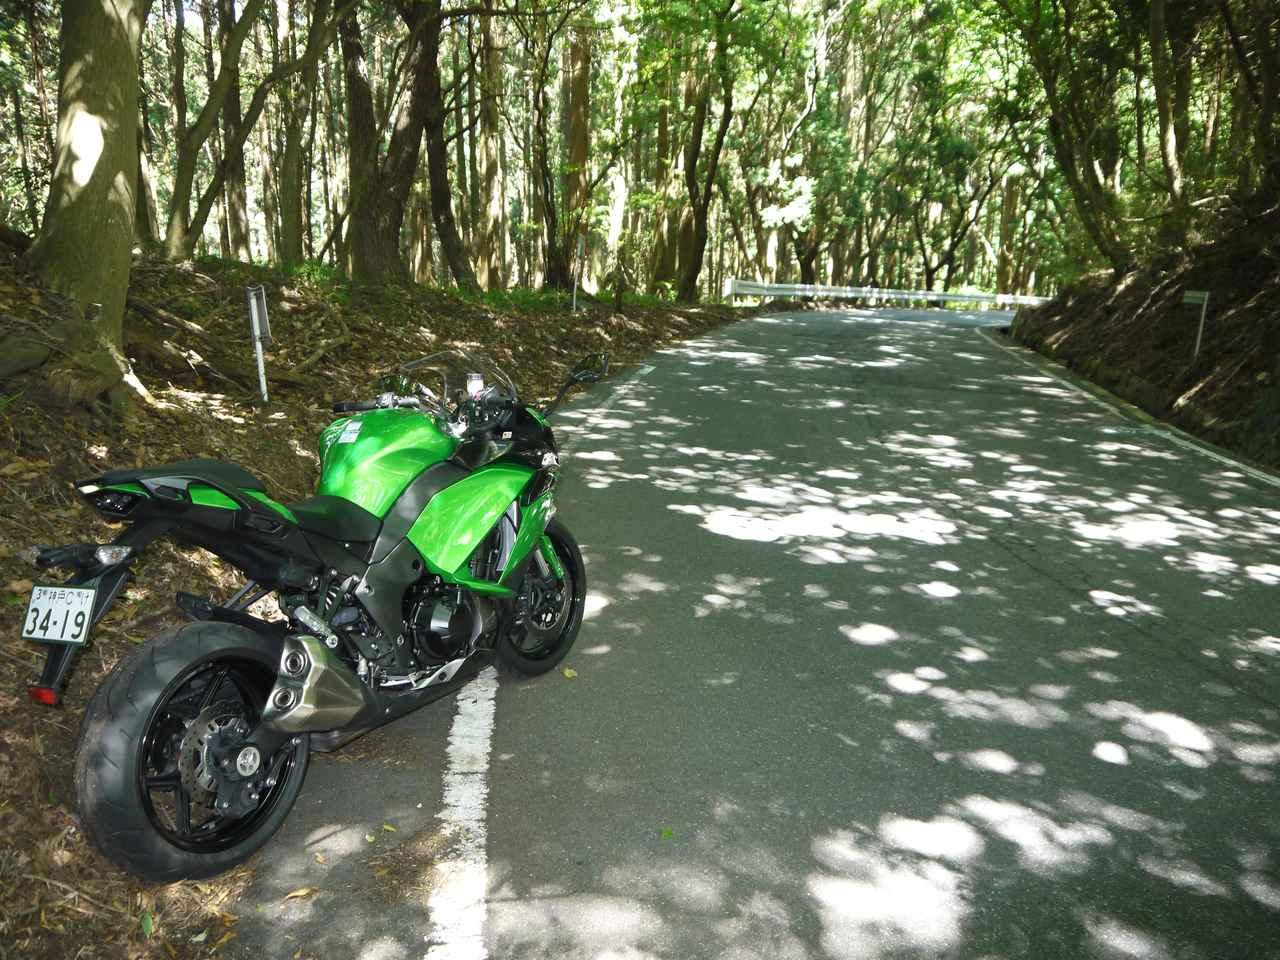 画像: 1週間で3453Km! オートバイと一週間生活『KAWASAKI Ninja1000ABS編』最終日